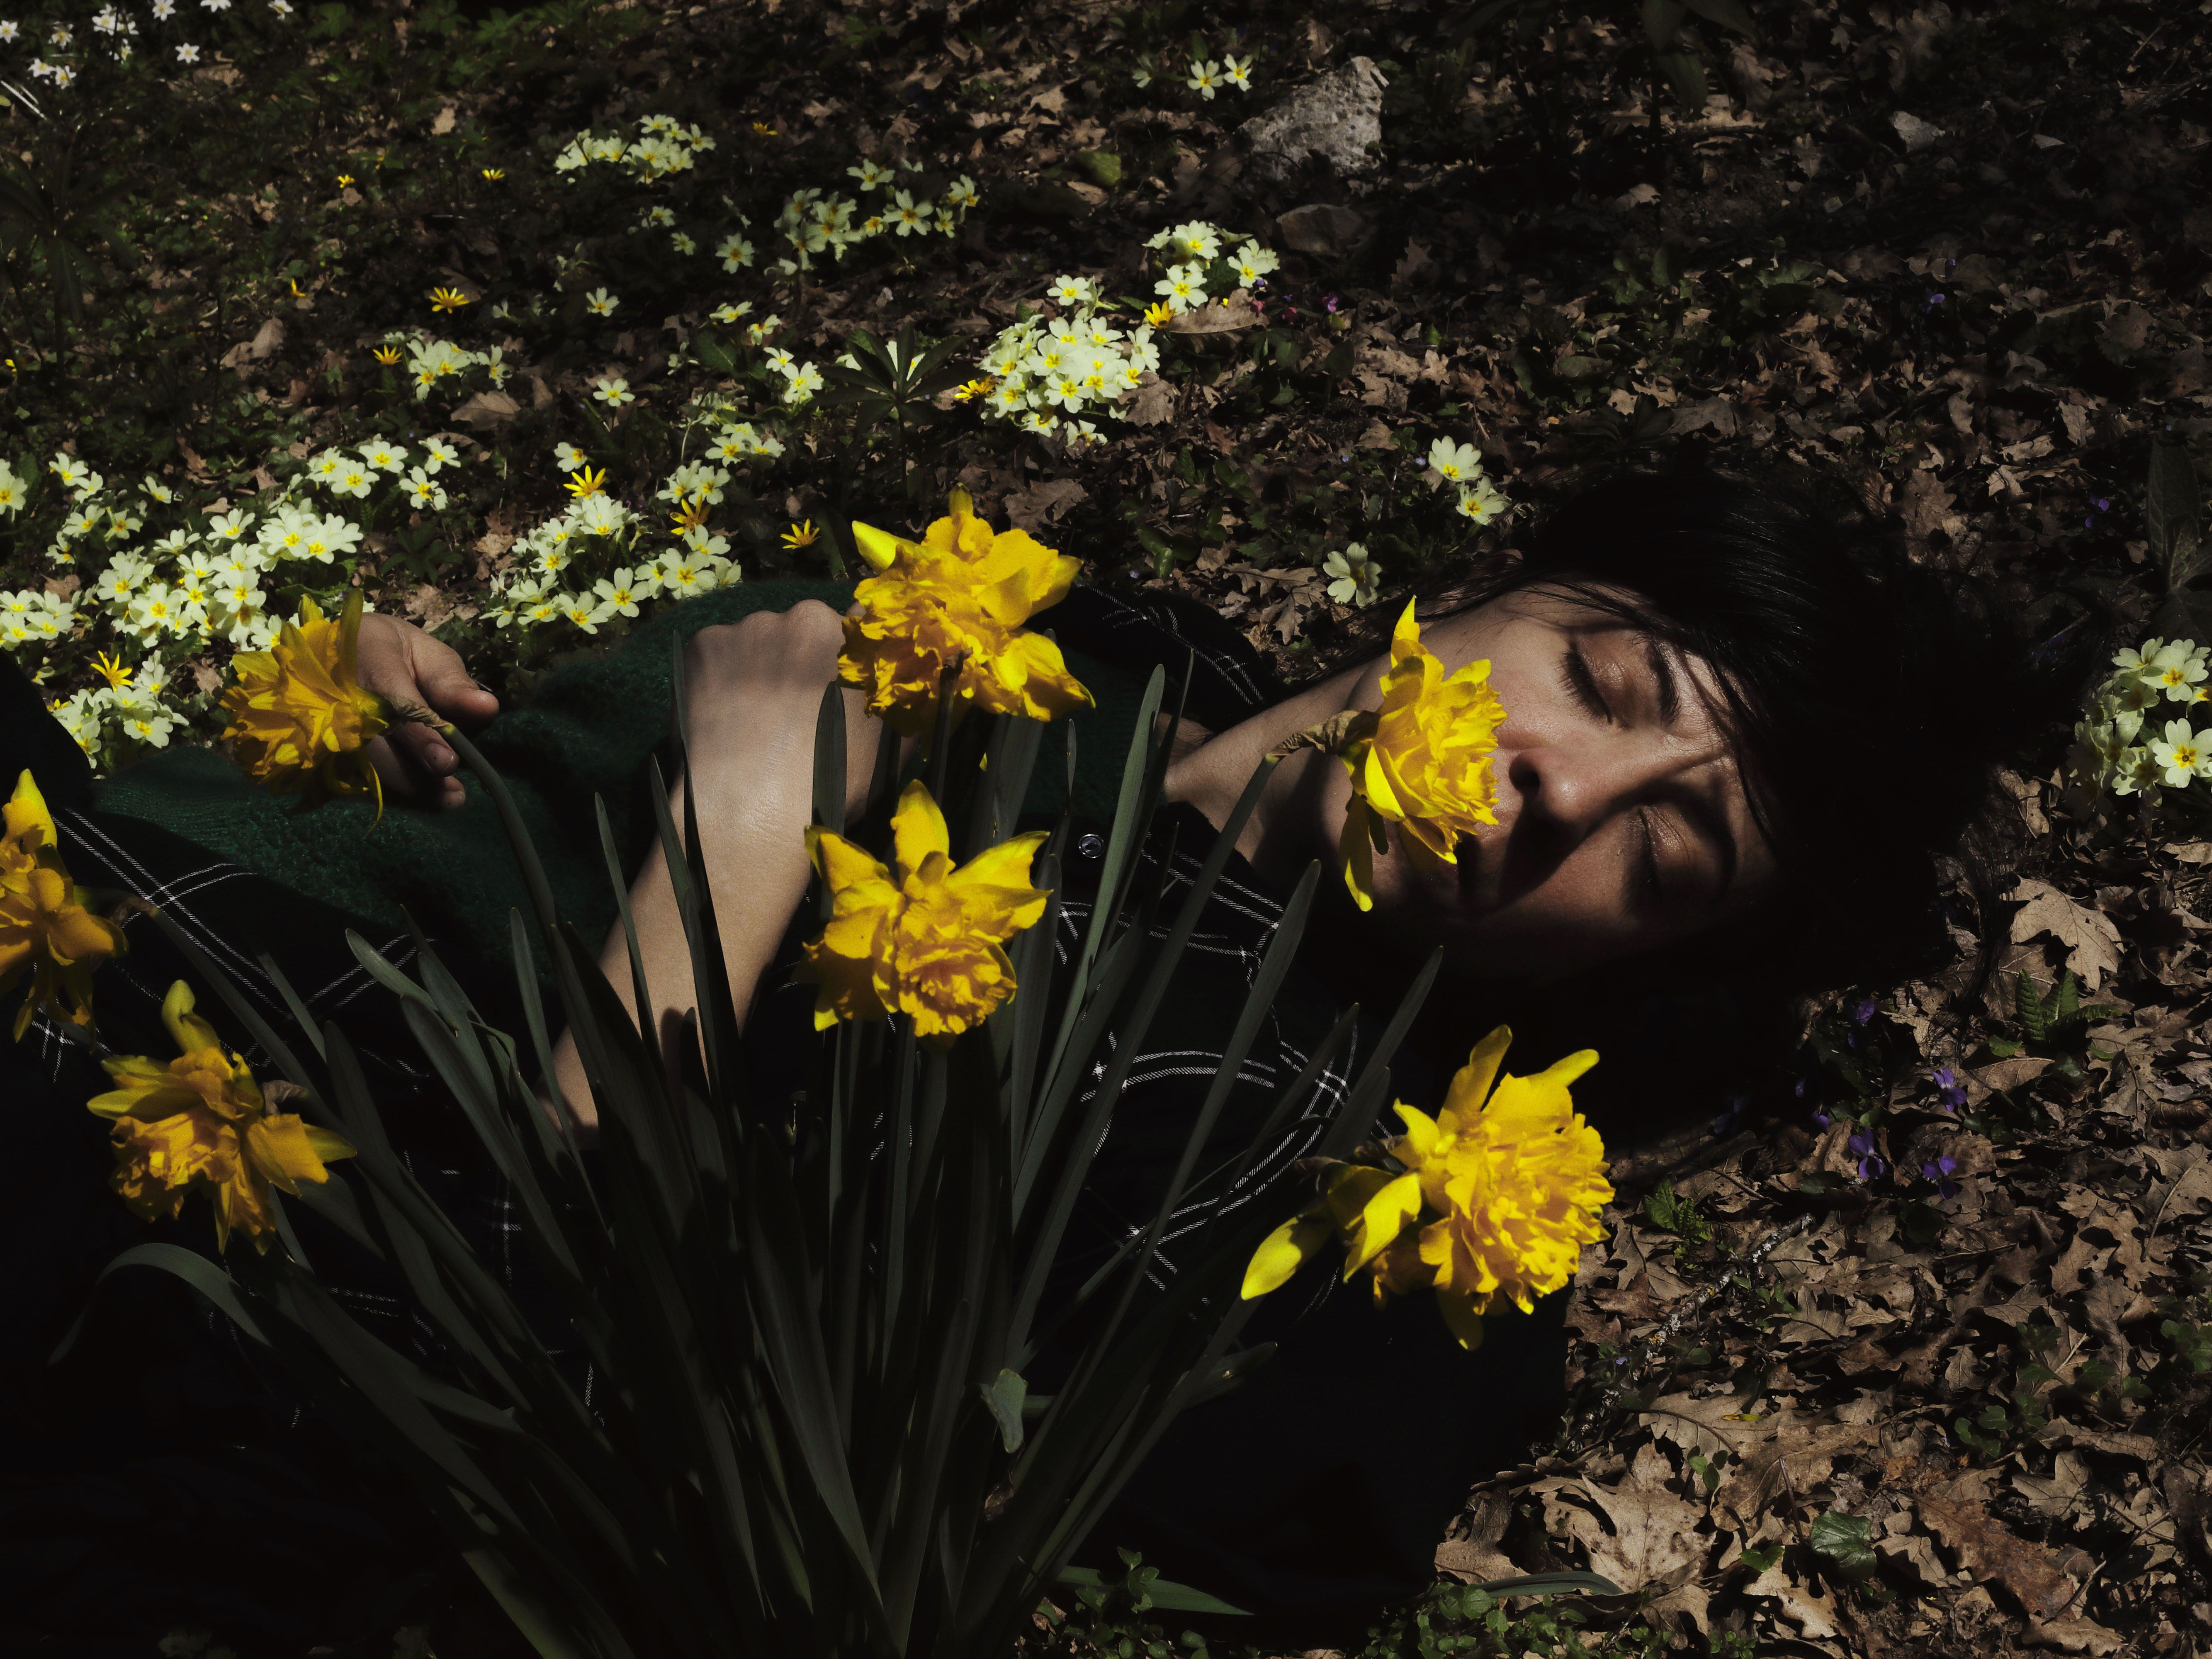 Gli autoritratti più famosi della storia da Frida Kahlo a Tracey Emin